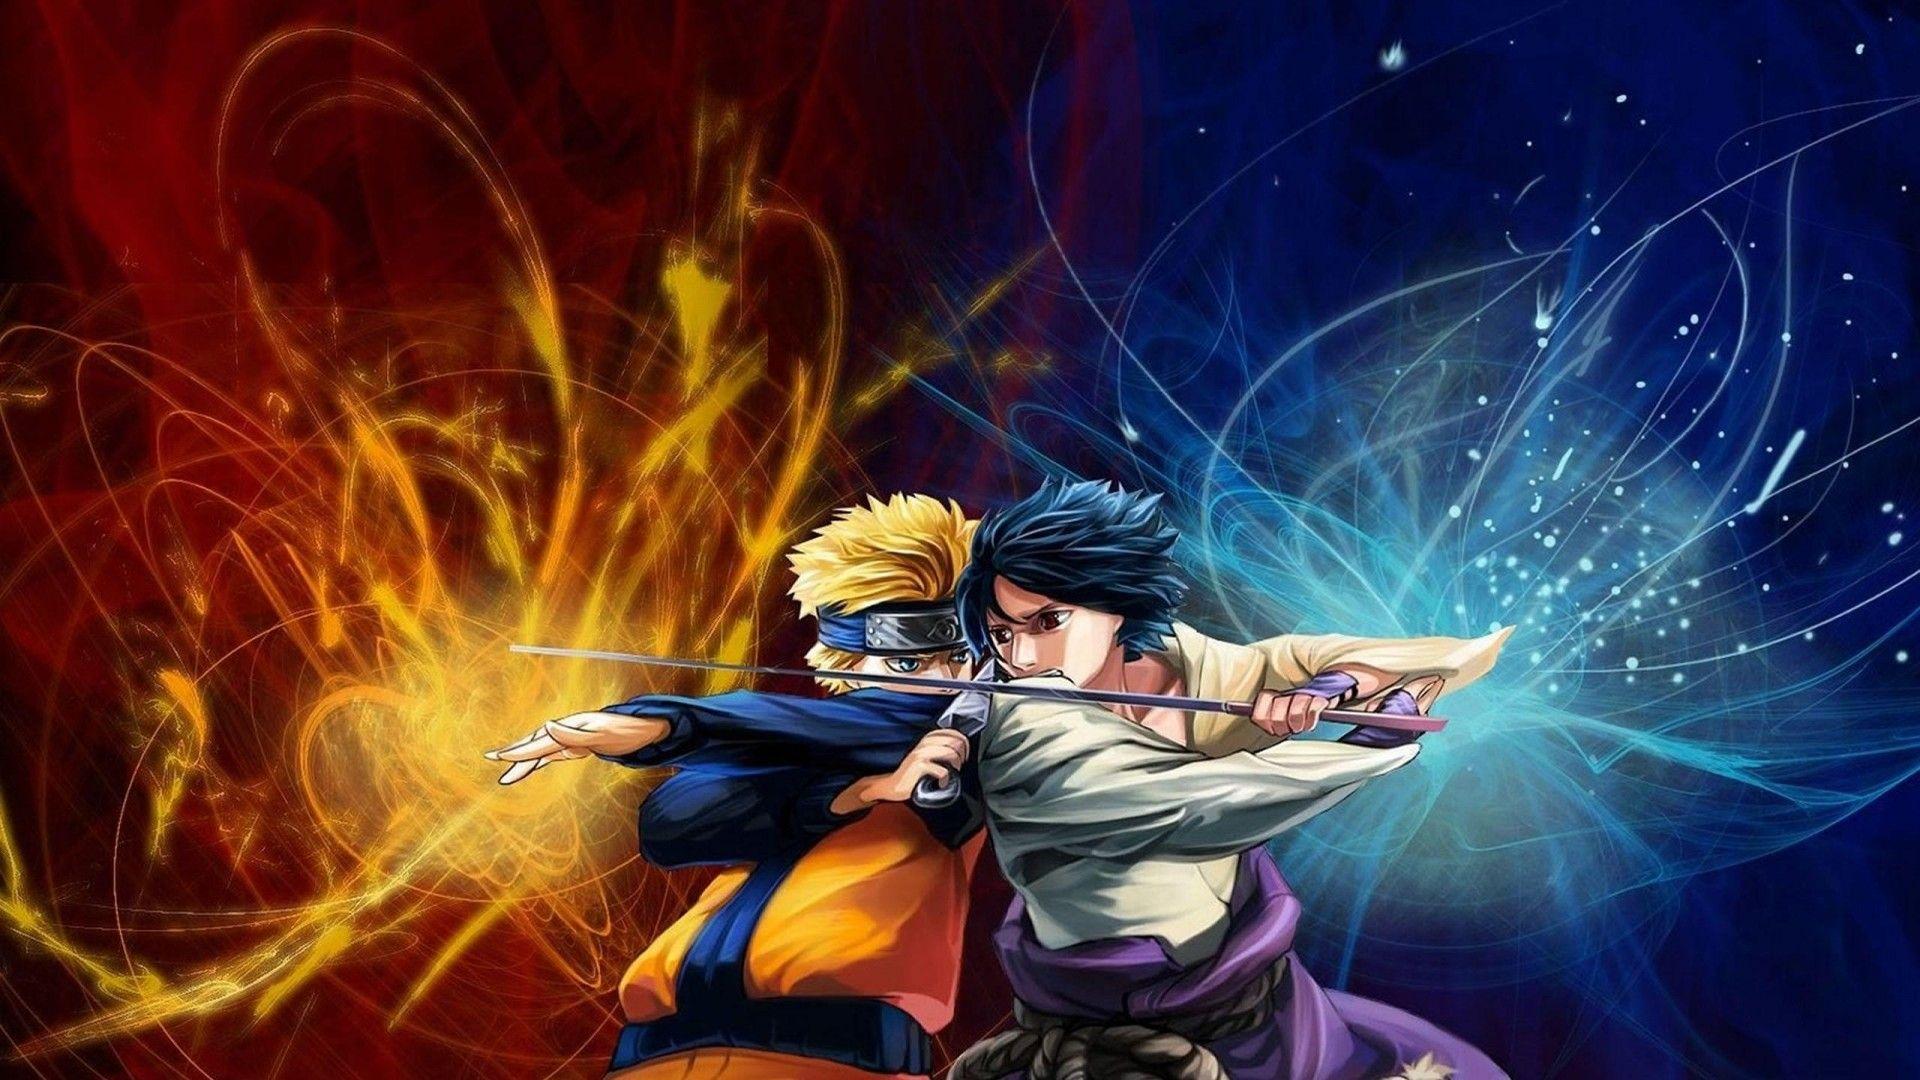 Naruto Wallpaper 1920 1080 Naruto And Sasuke Naruto Gambar Kehidupan